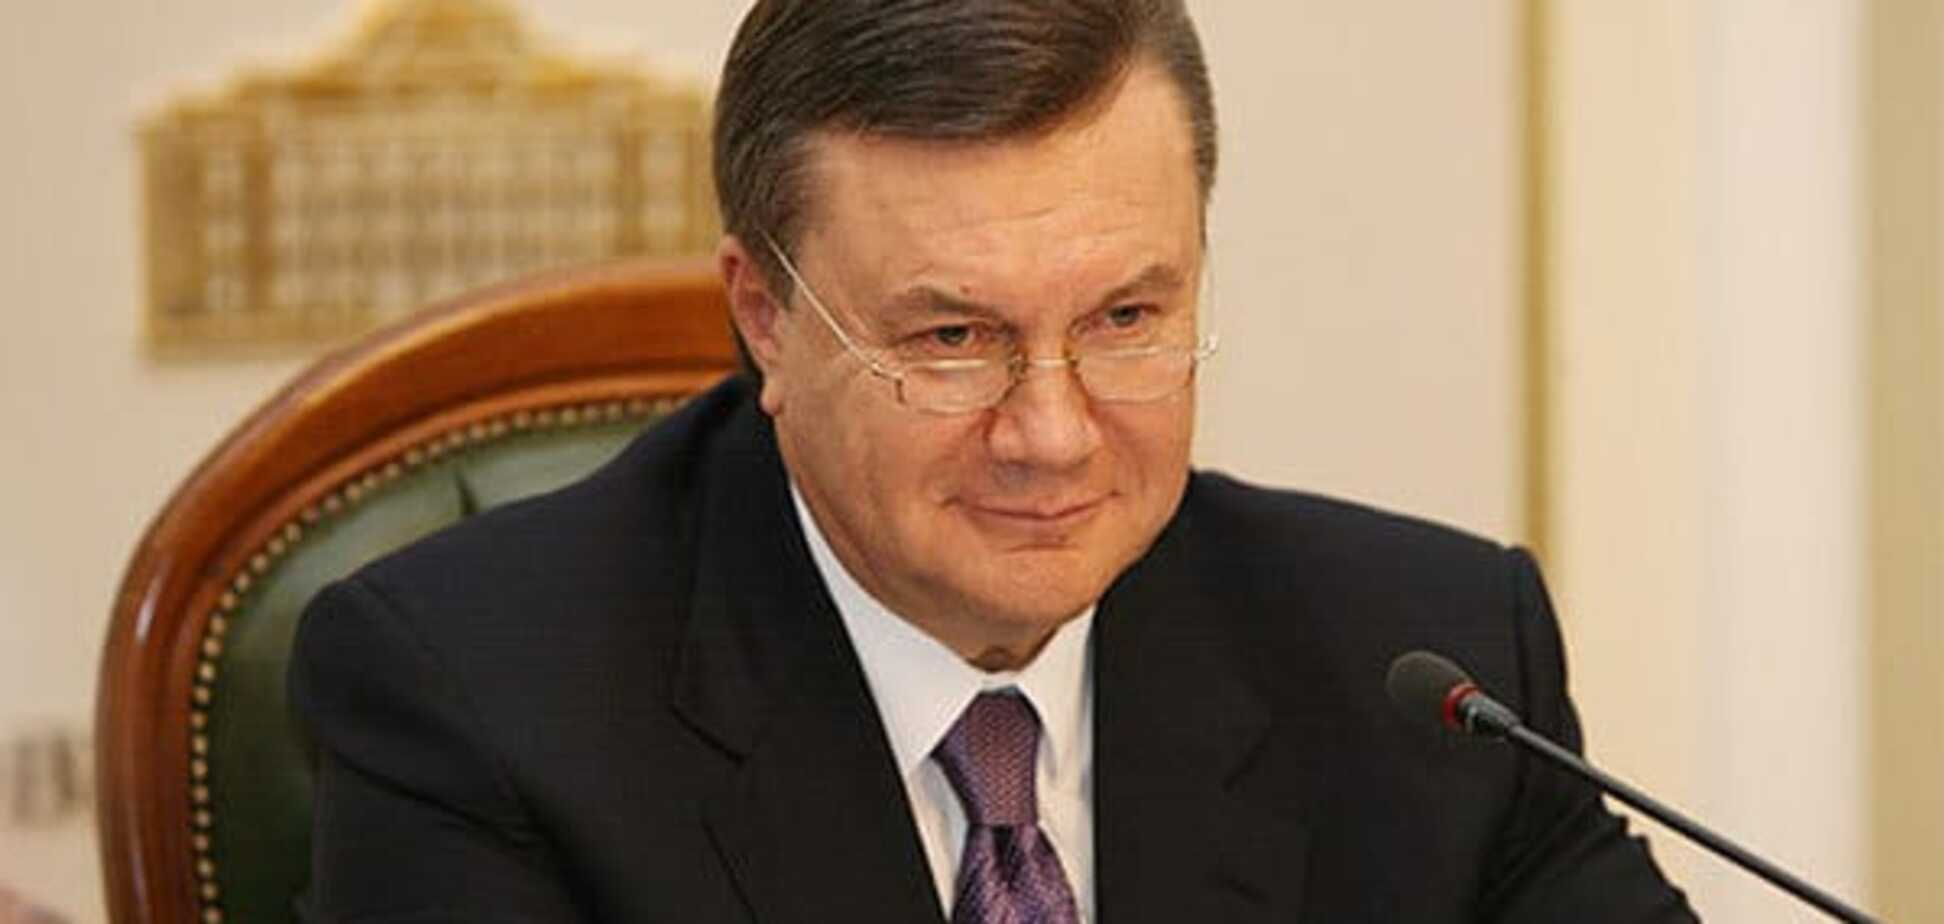 Журналісти дізналися, кому належать вертолітні майданчики Януковича